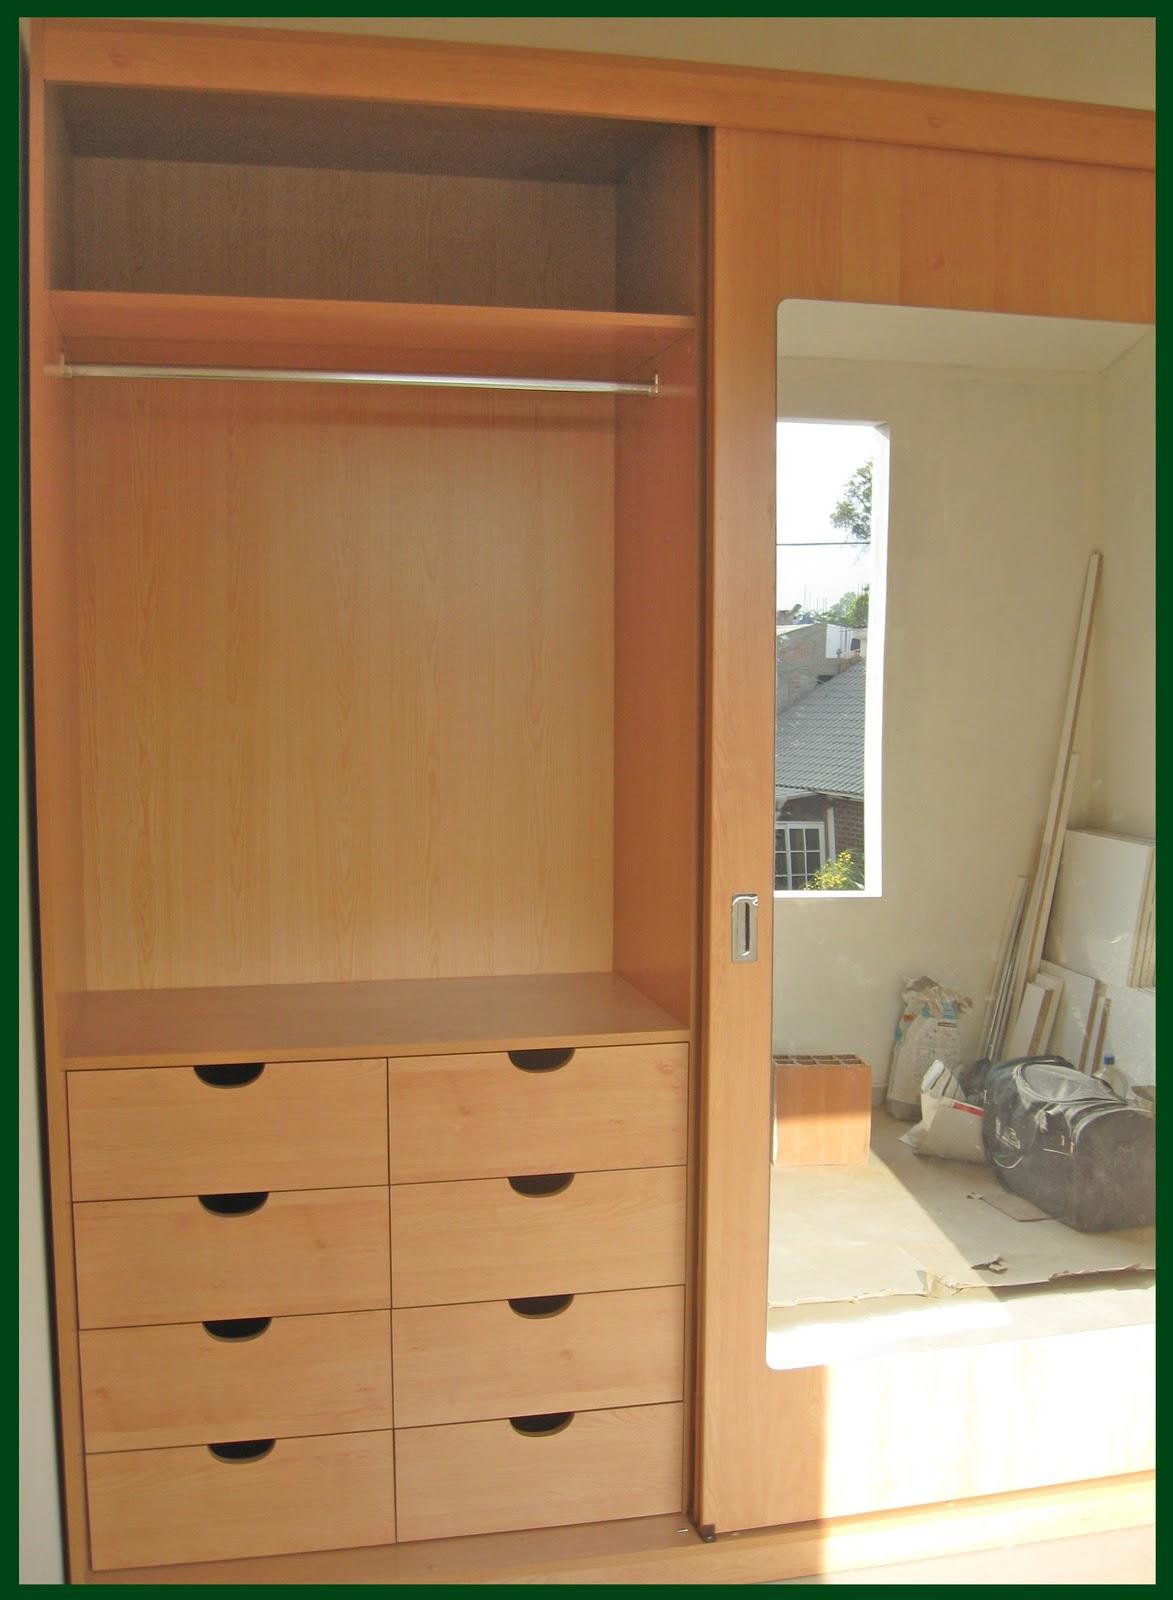 Muebles jose luis chingay closet exclusivo color haya for Modelos de puertas para closet